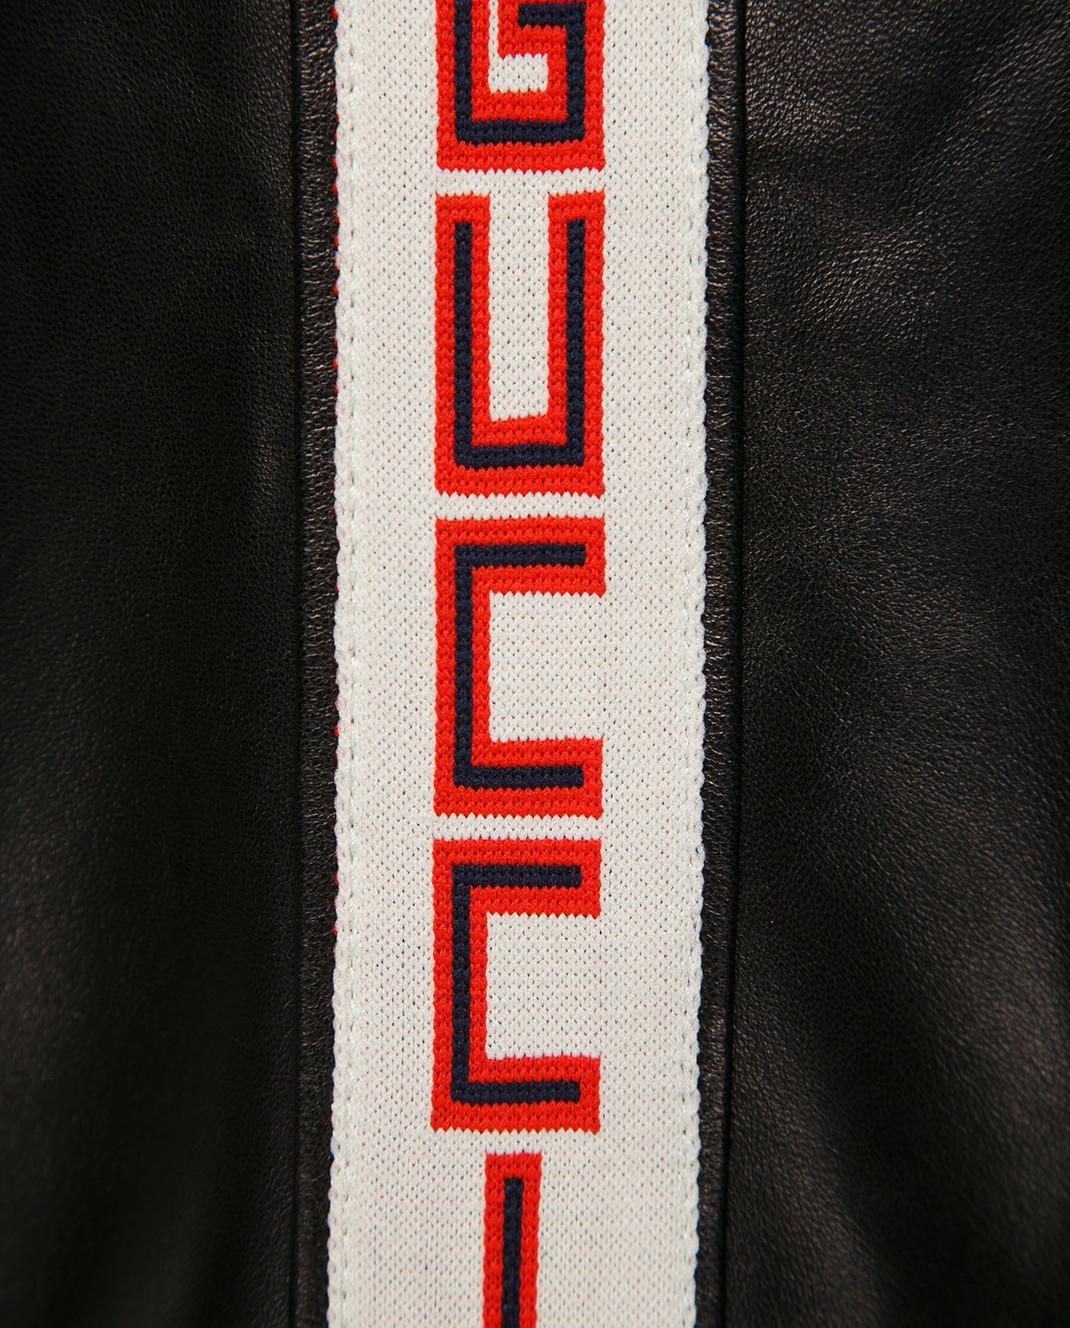 Gucci Коричневый кожаный бомбер 501174 изображение 5